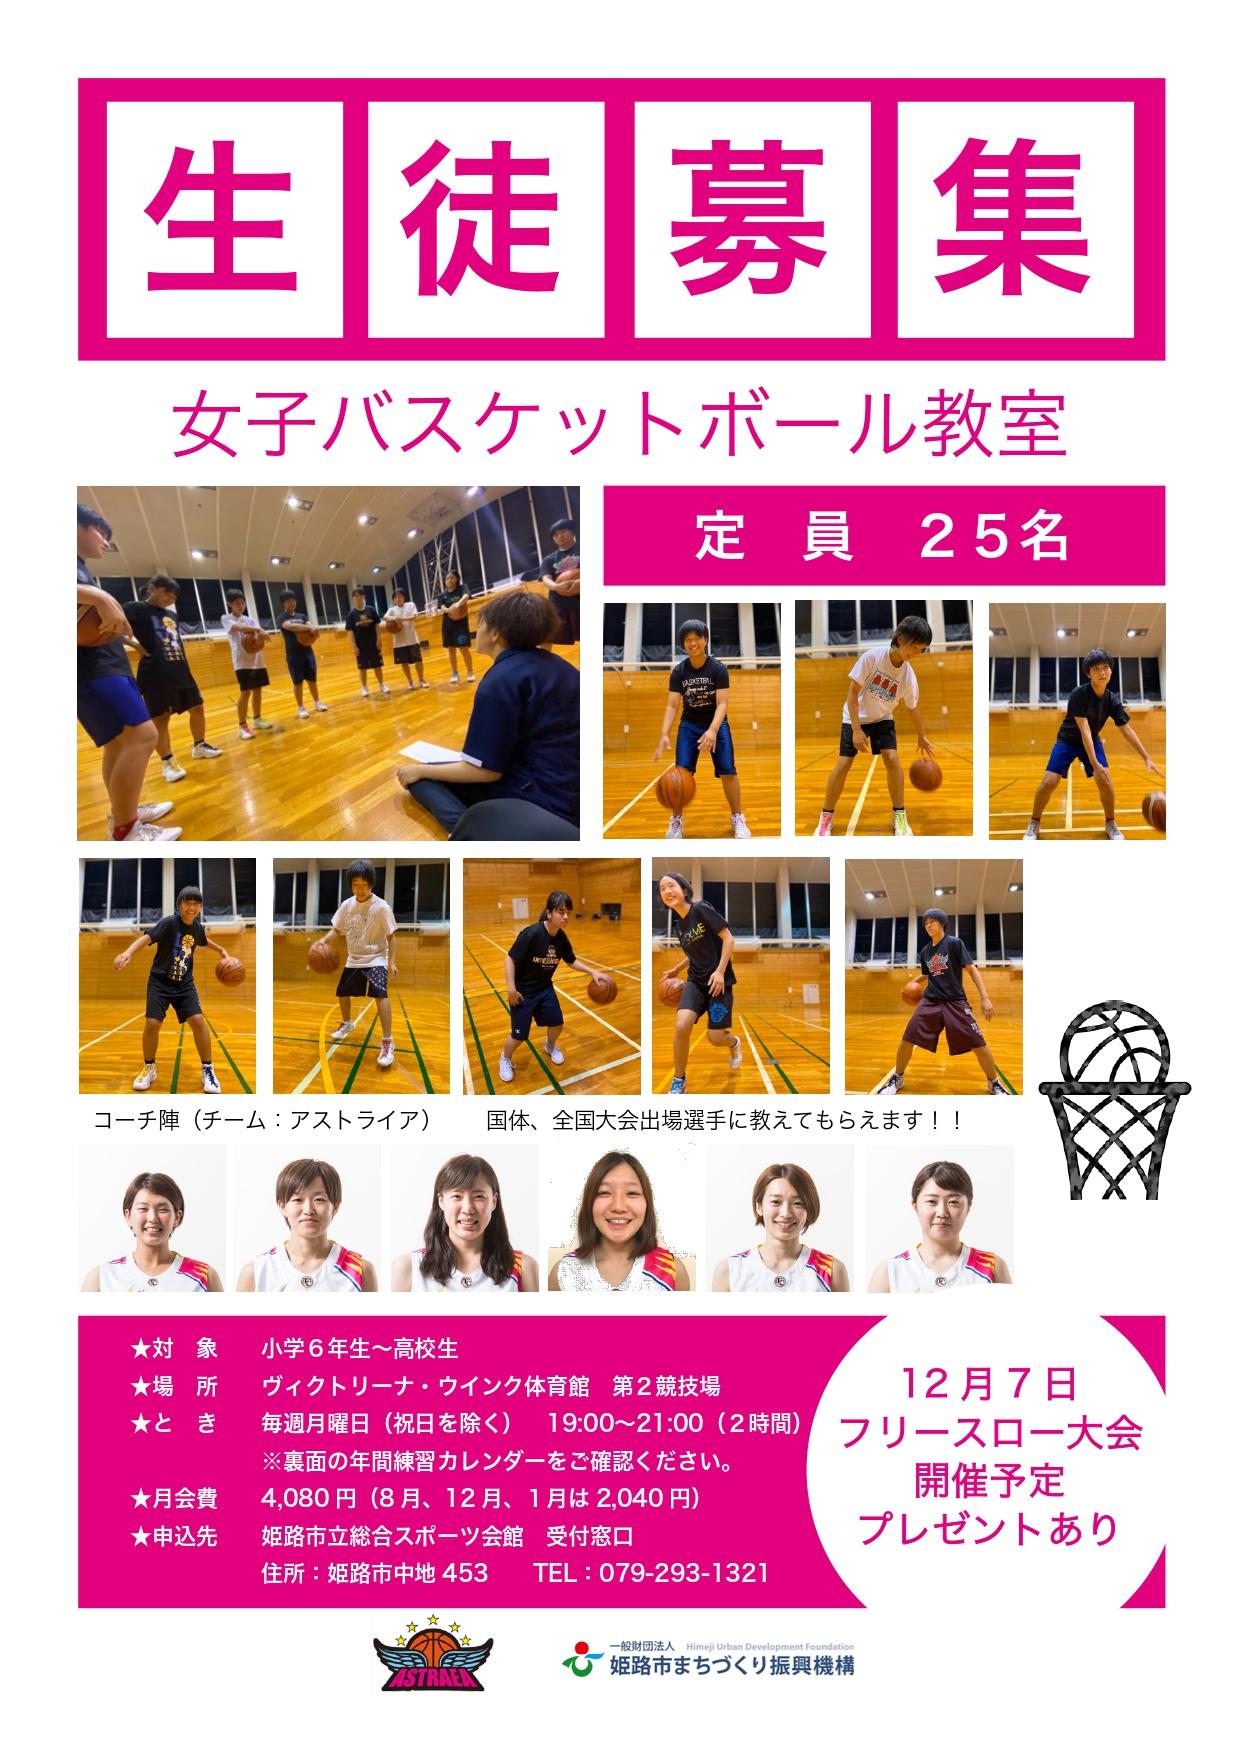 女子バスケットボールチーム生徒募集画像